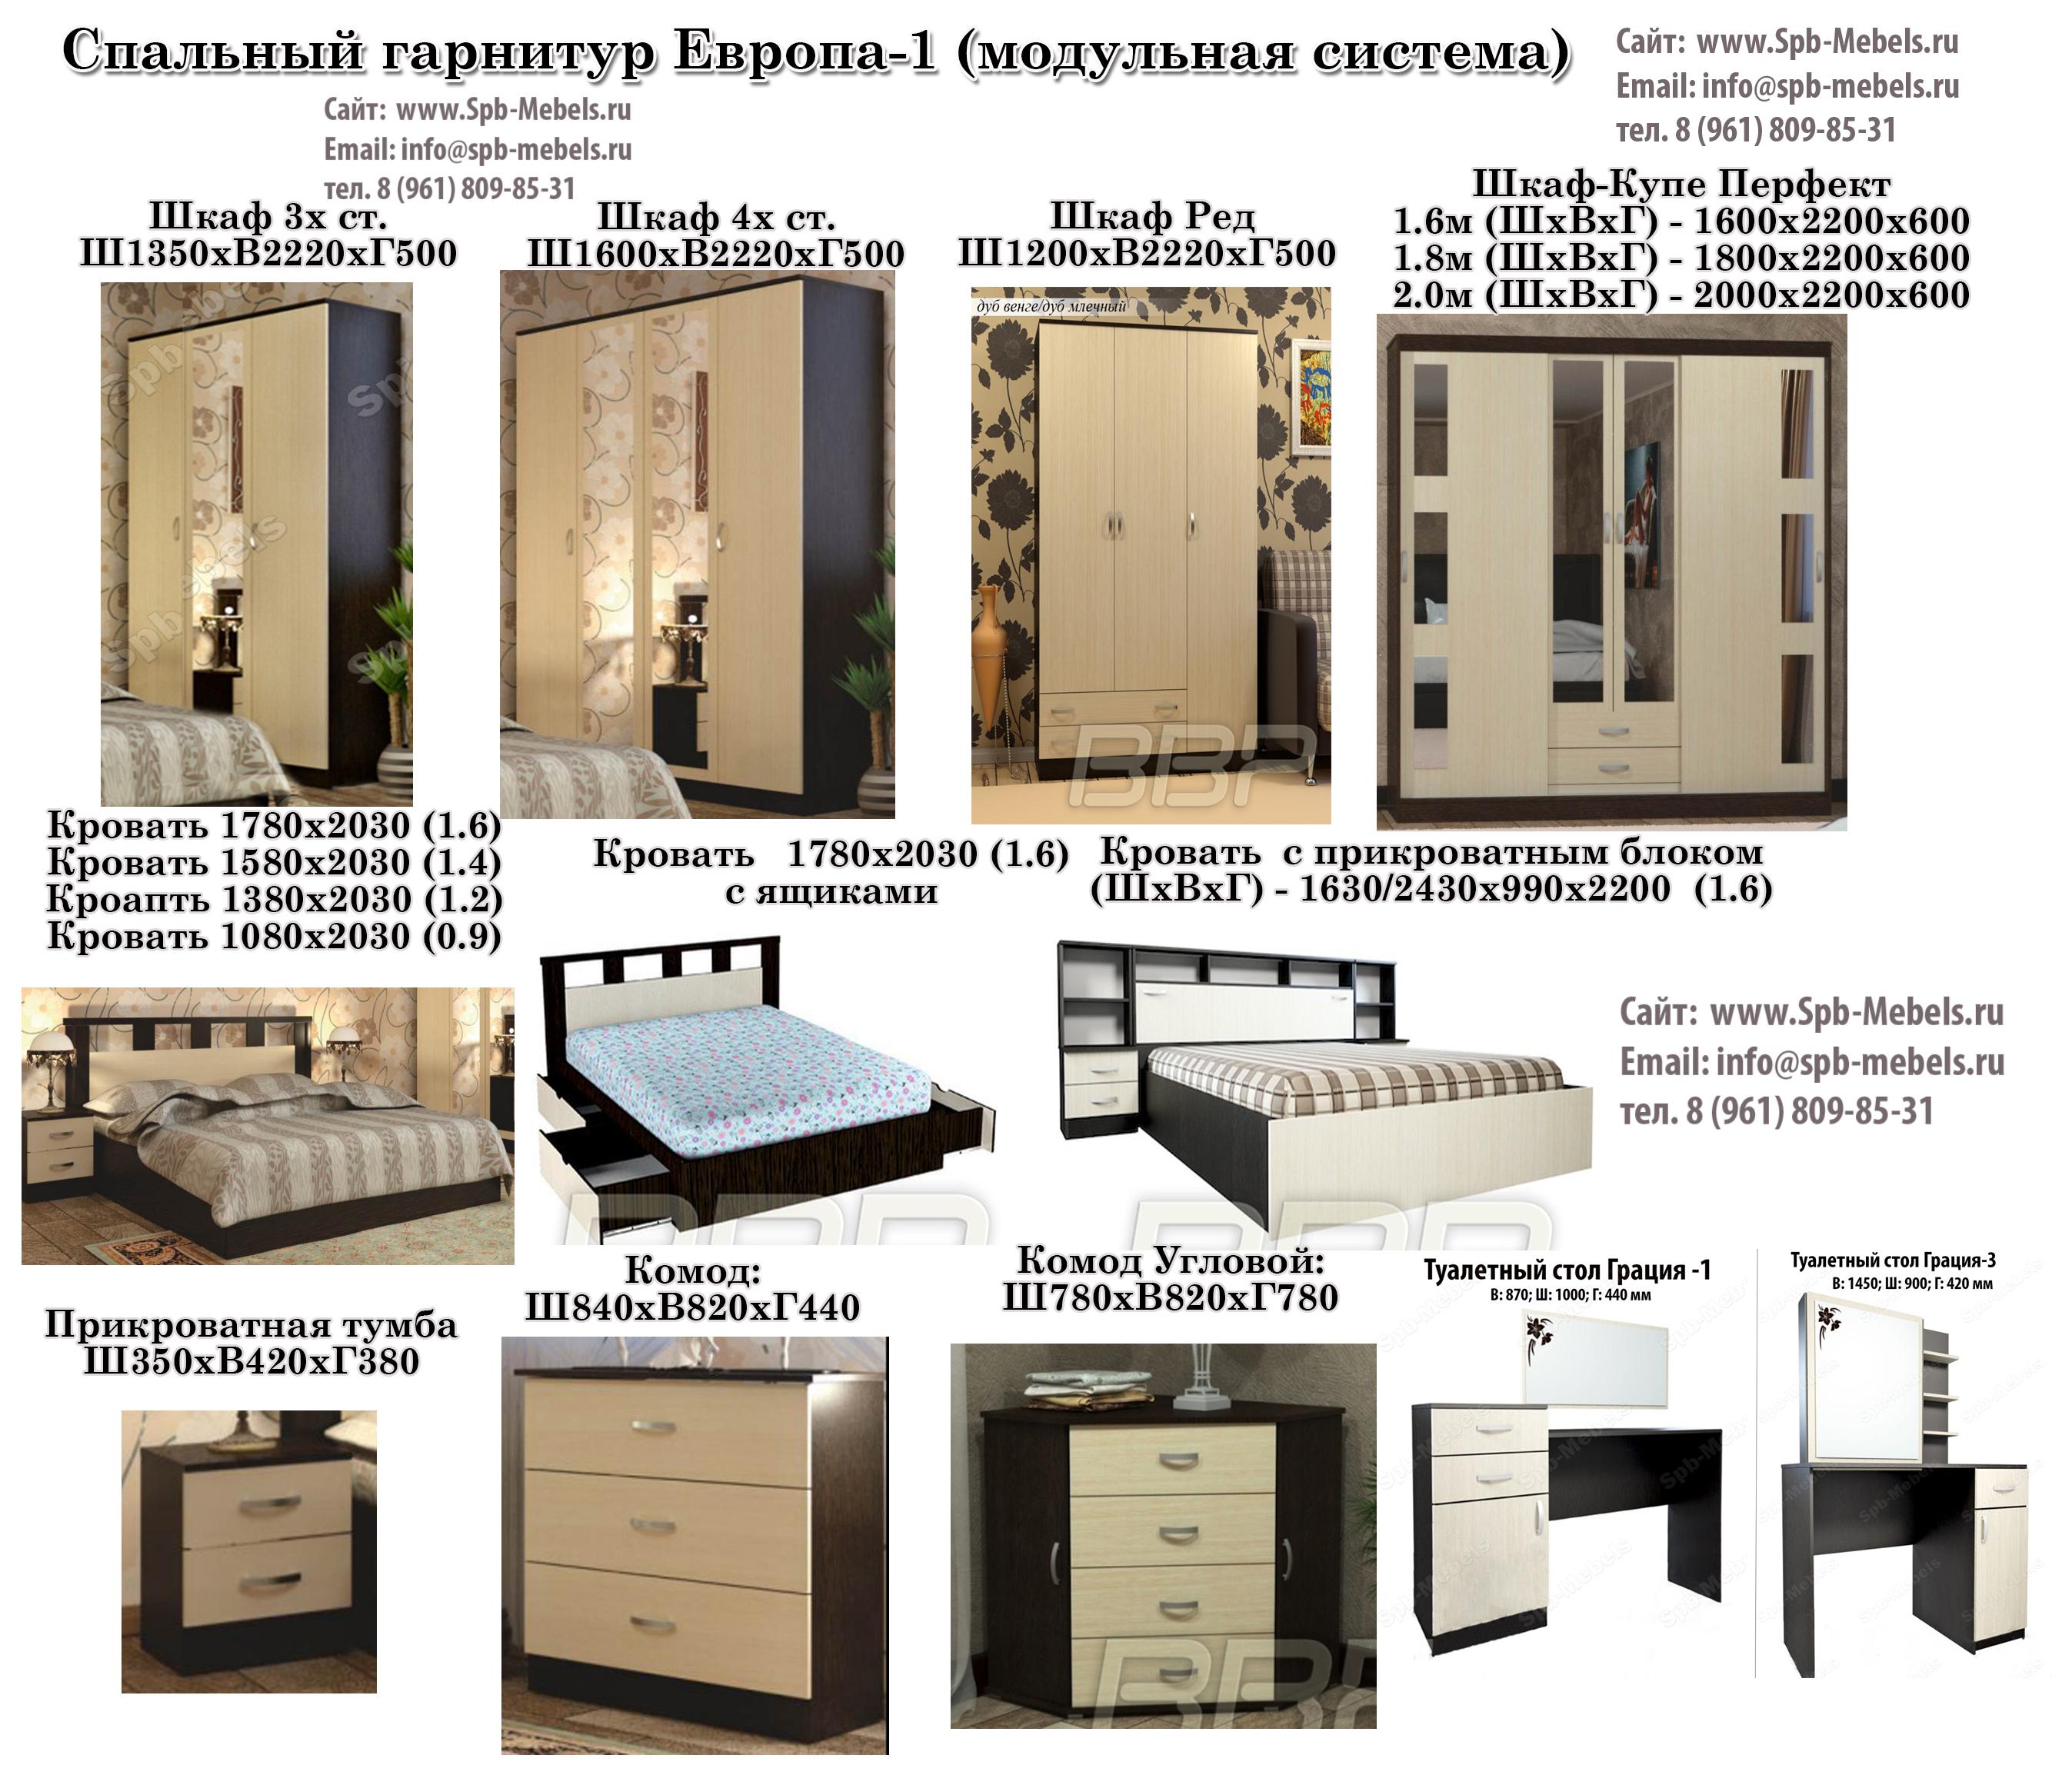 Спальный гарнитур модули шкафы